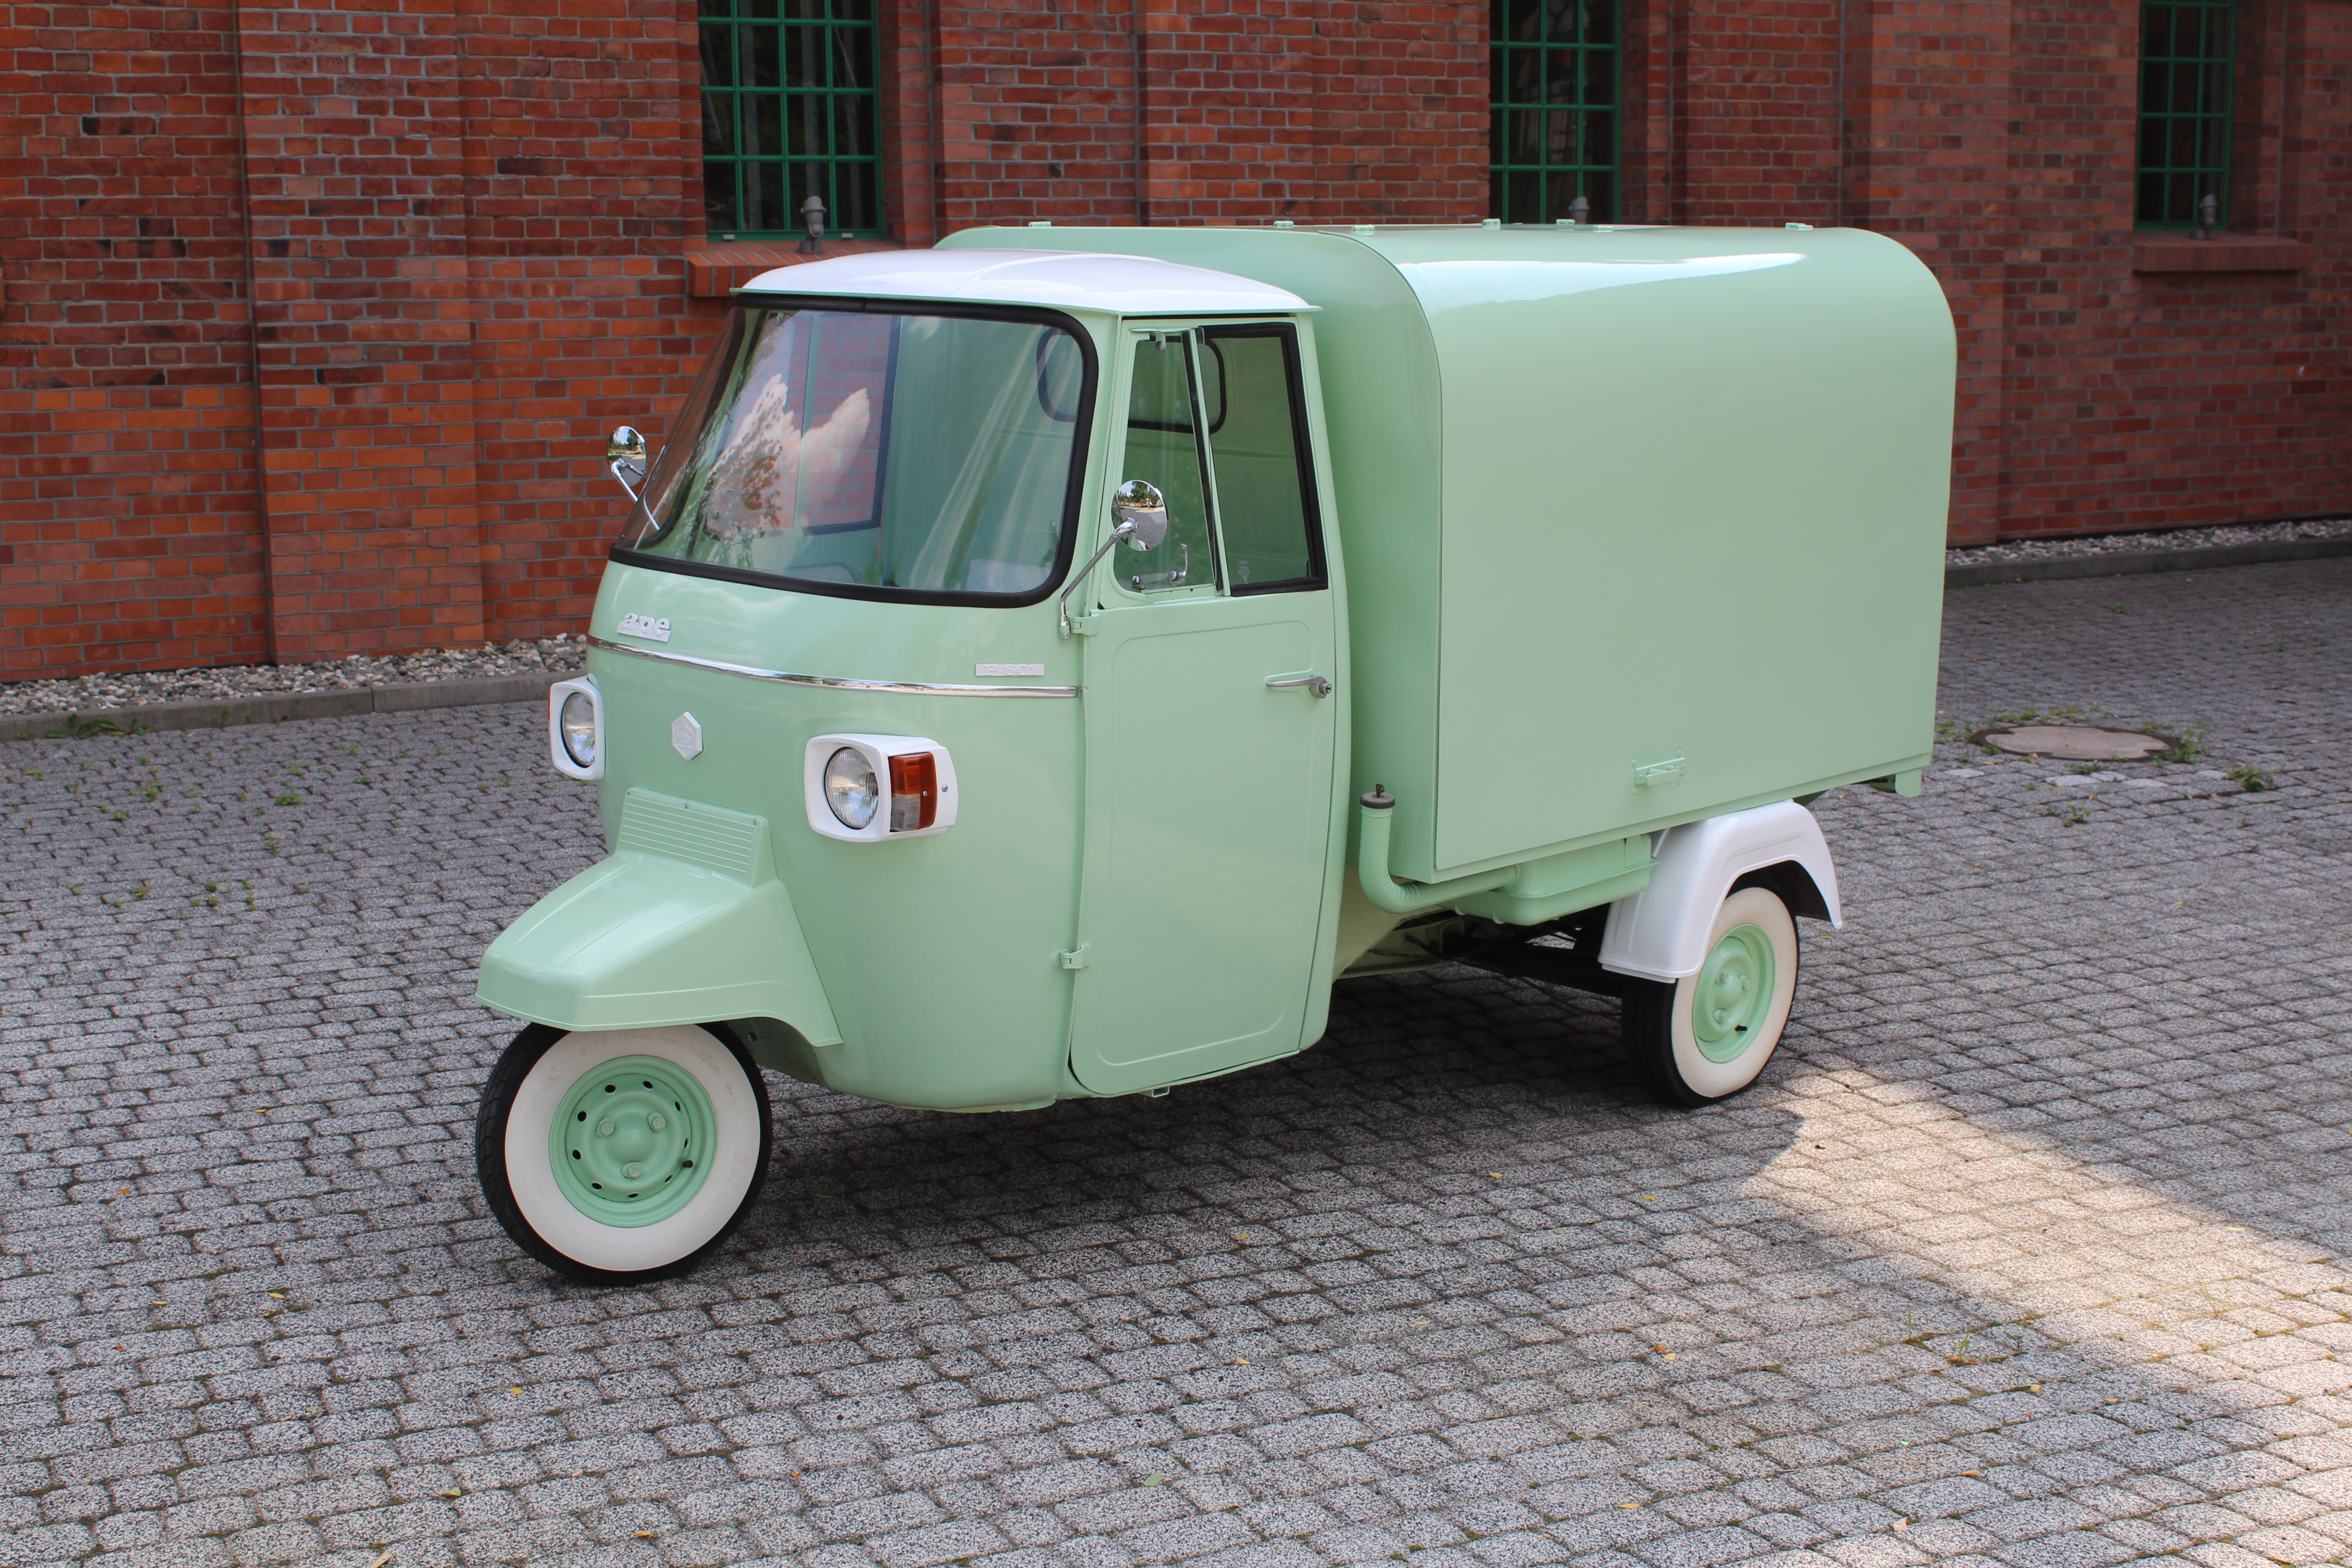 Realizacja Piaggio Ape 501 Classic proseccovan